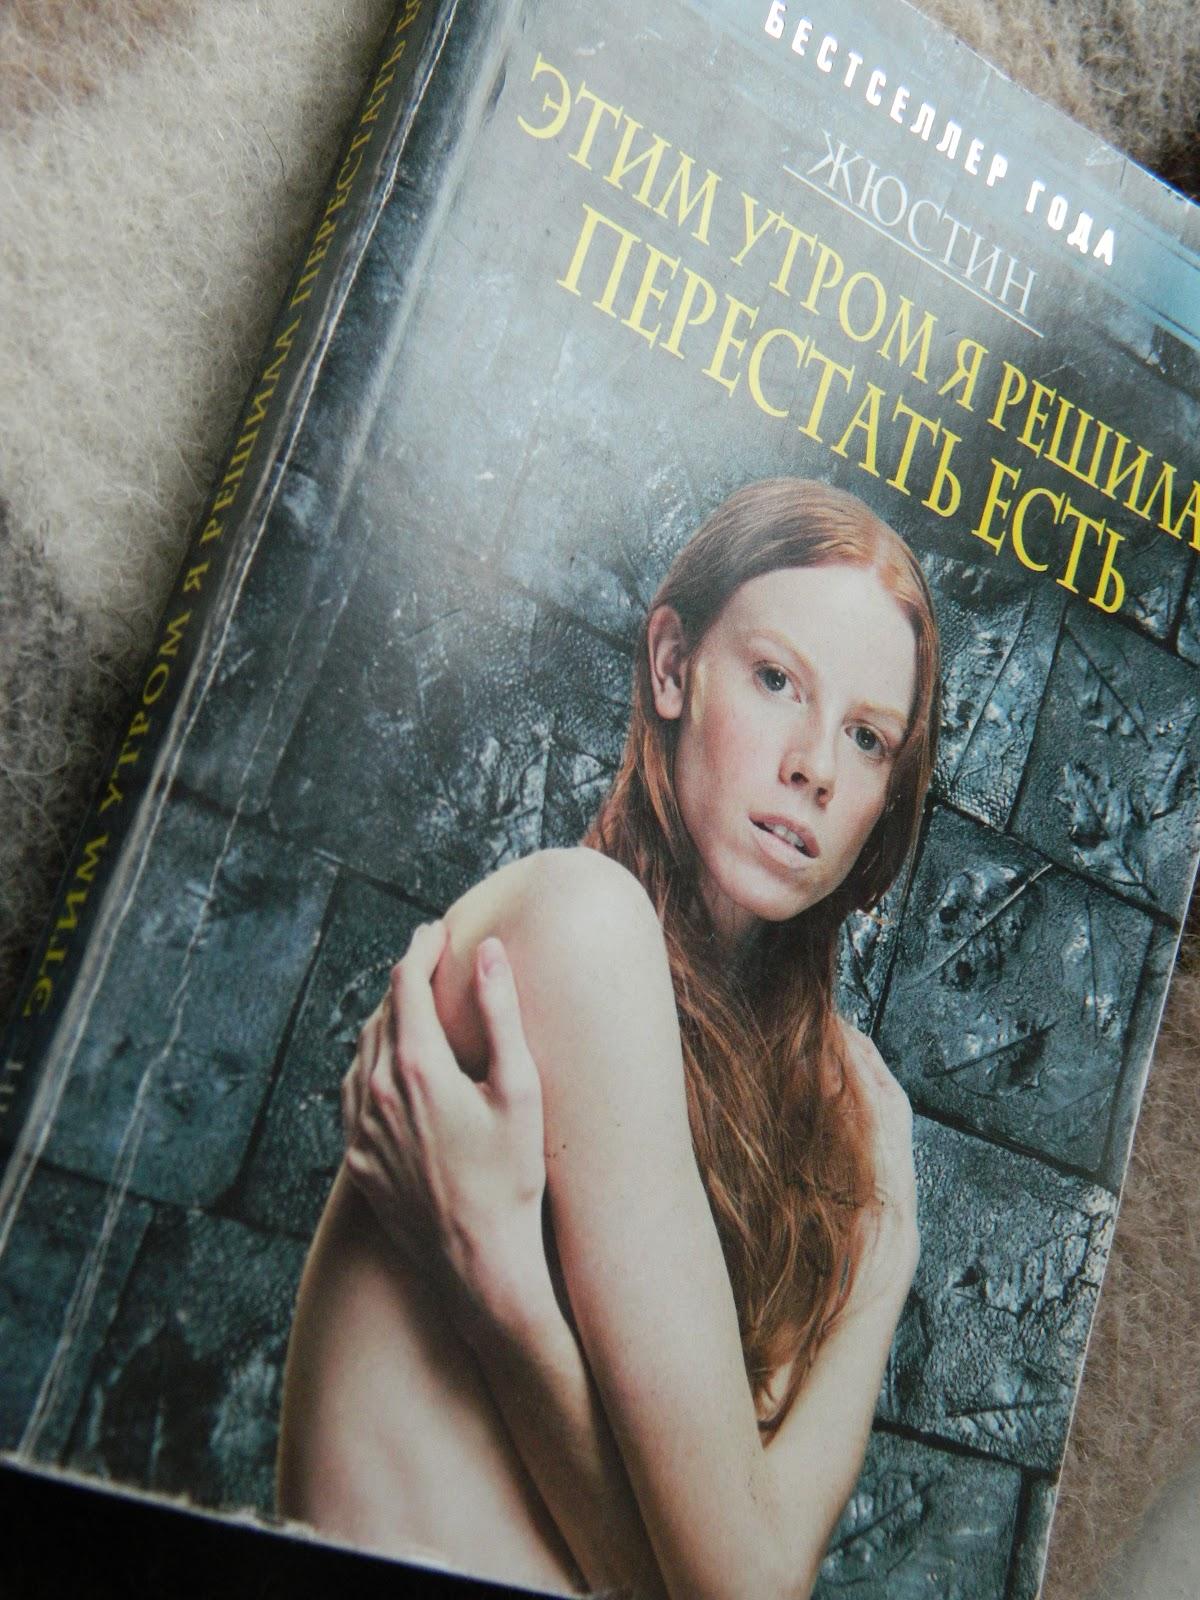 Жюстин этим утром я решила перестать есть книга